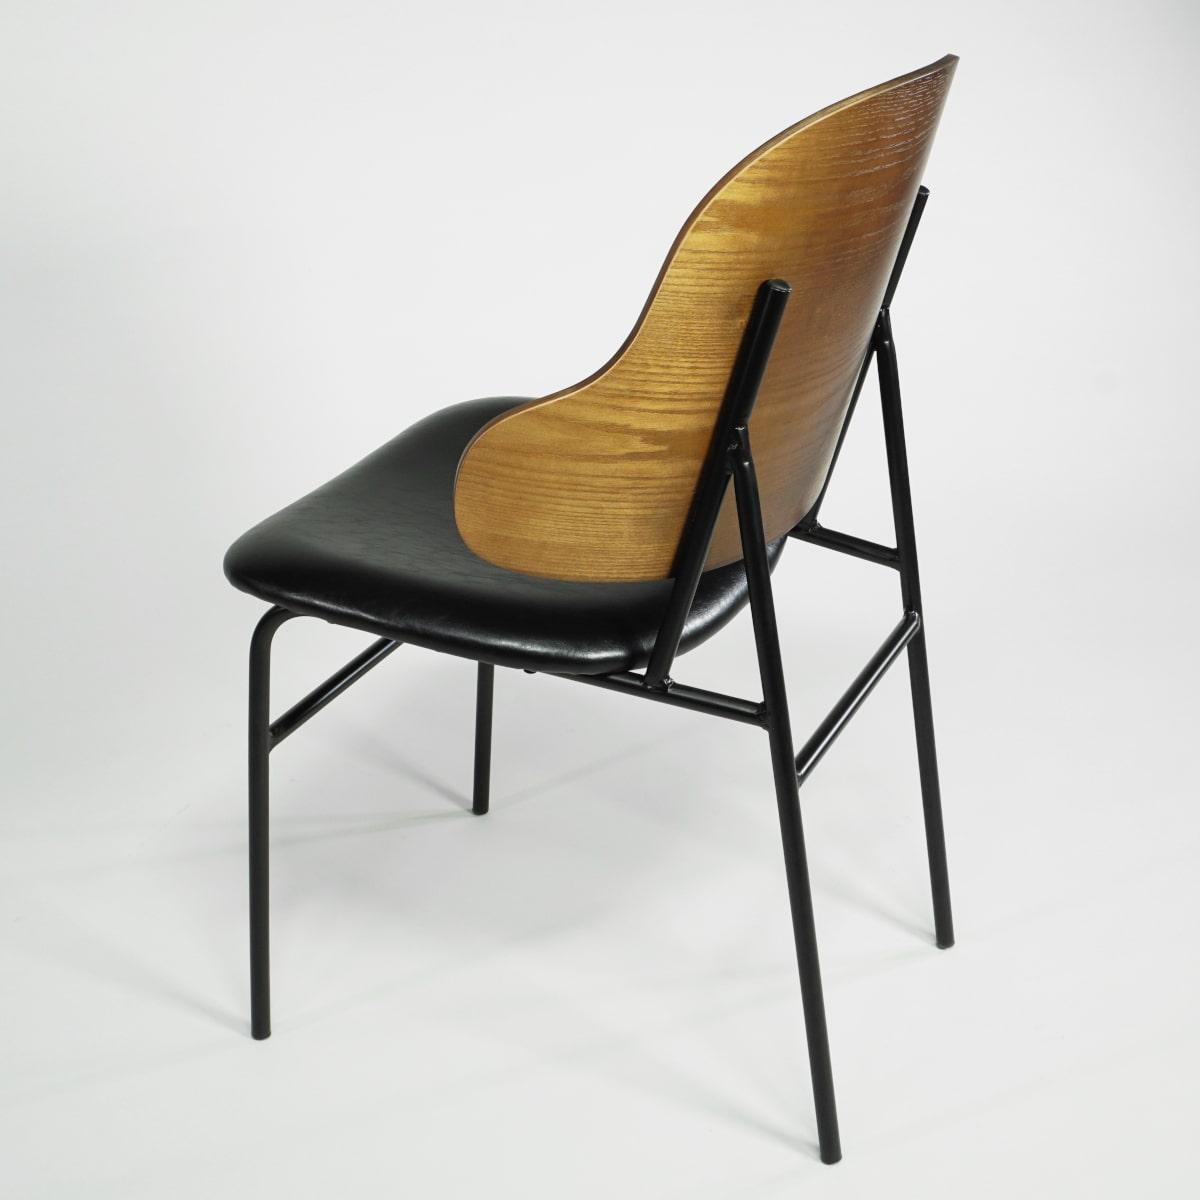 Stuhl Rückenlehne walnussfarben Sitz schwarz